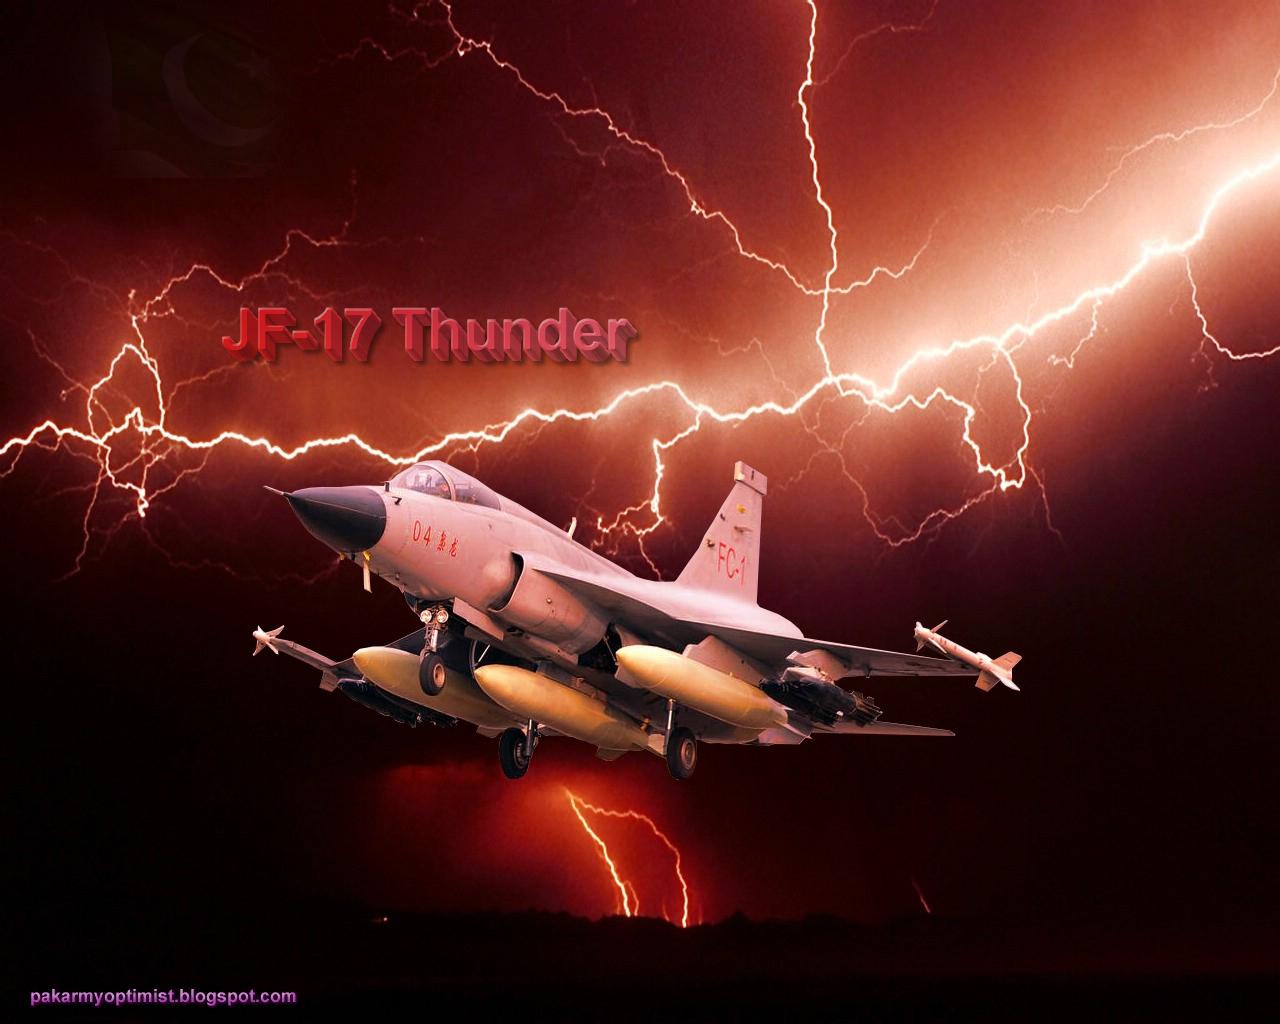 http://3.bp.blogspot.com/_mzeaY-VMqh8/TCw5PuW6xFI/AAAAAAAAAiY/2GGyW72hn4U/s1600/Lightning%2520Storm2.jpg